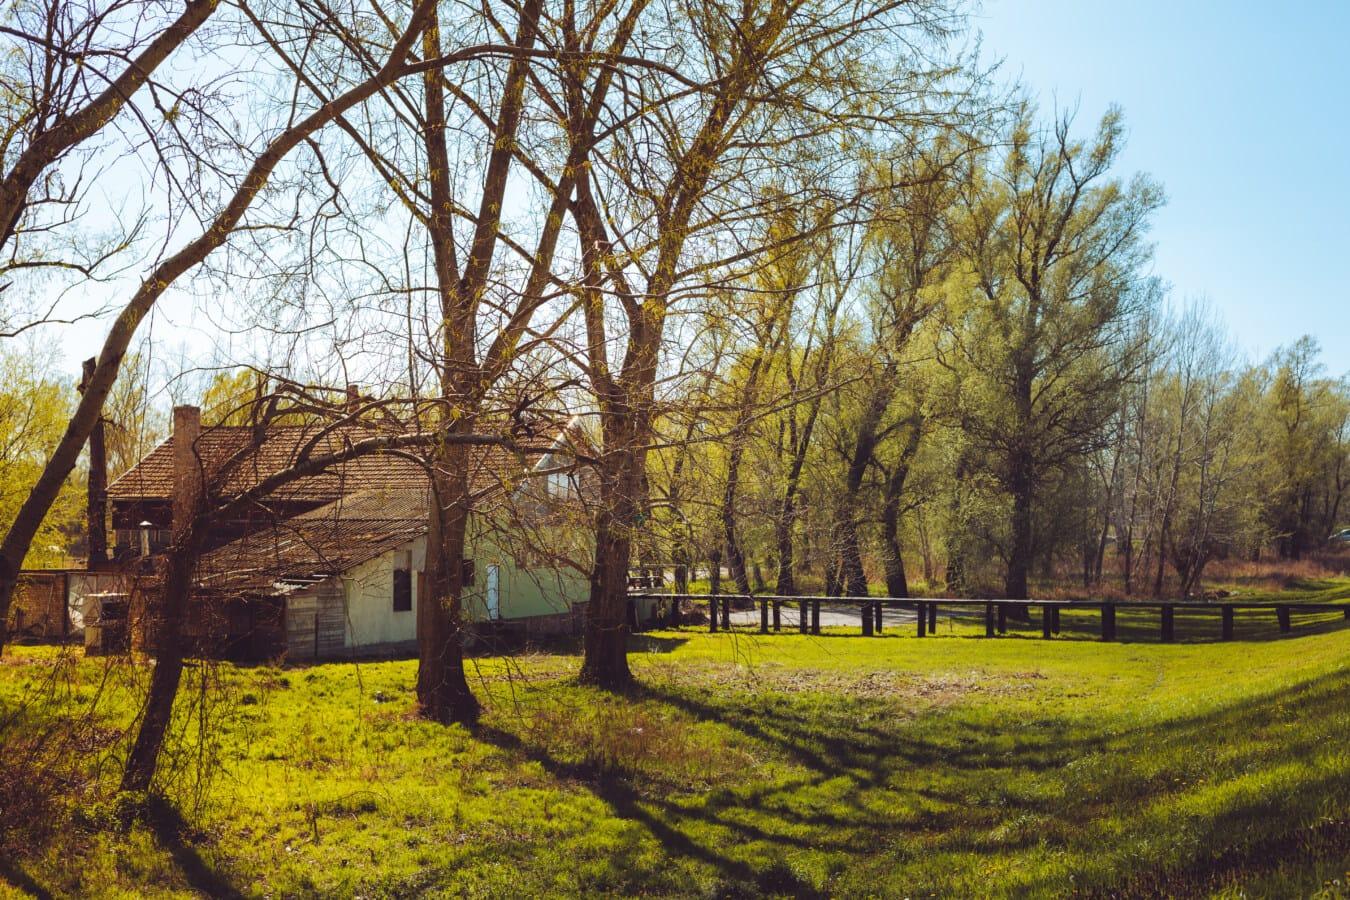 maison, Parc national, ombre, lumière du soleil, tremble, herbe, arbres, arbre, paysage, forêt